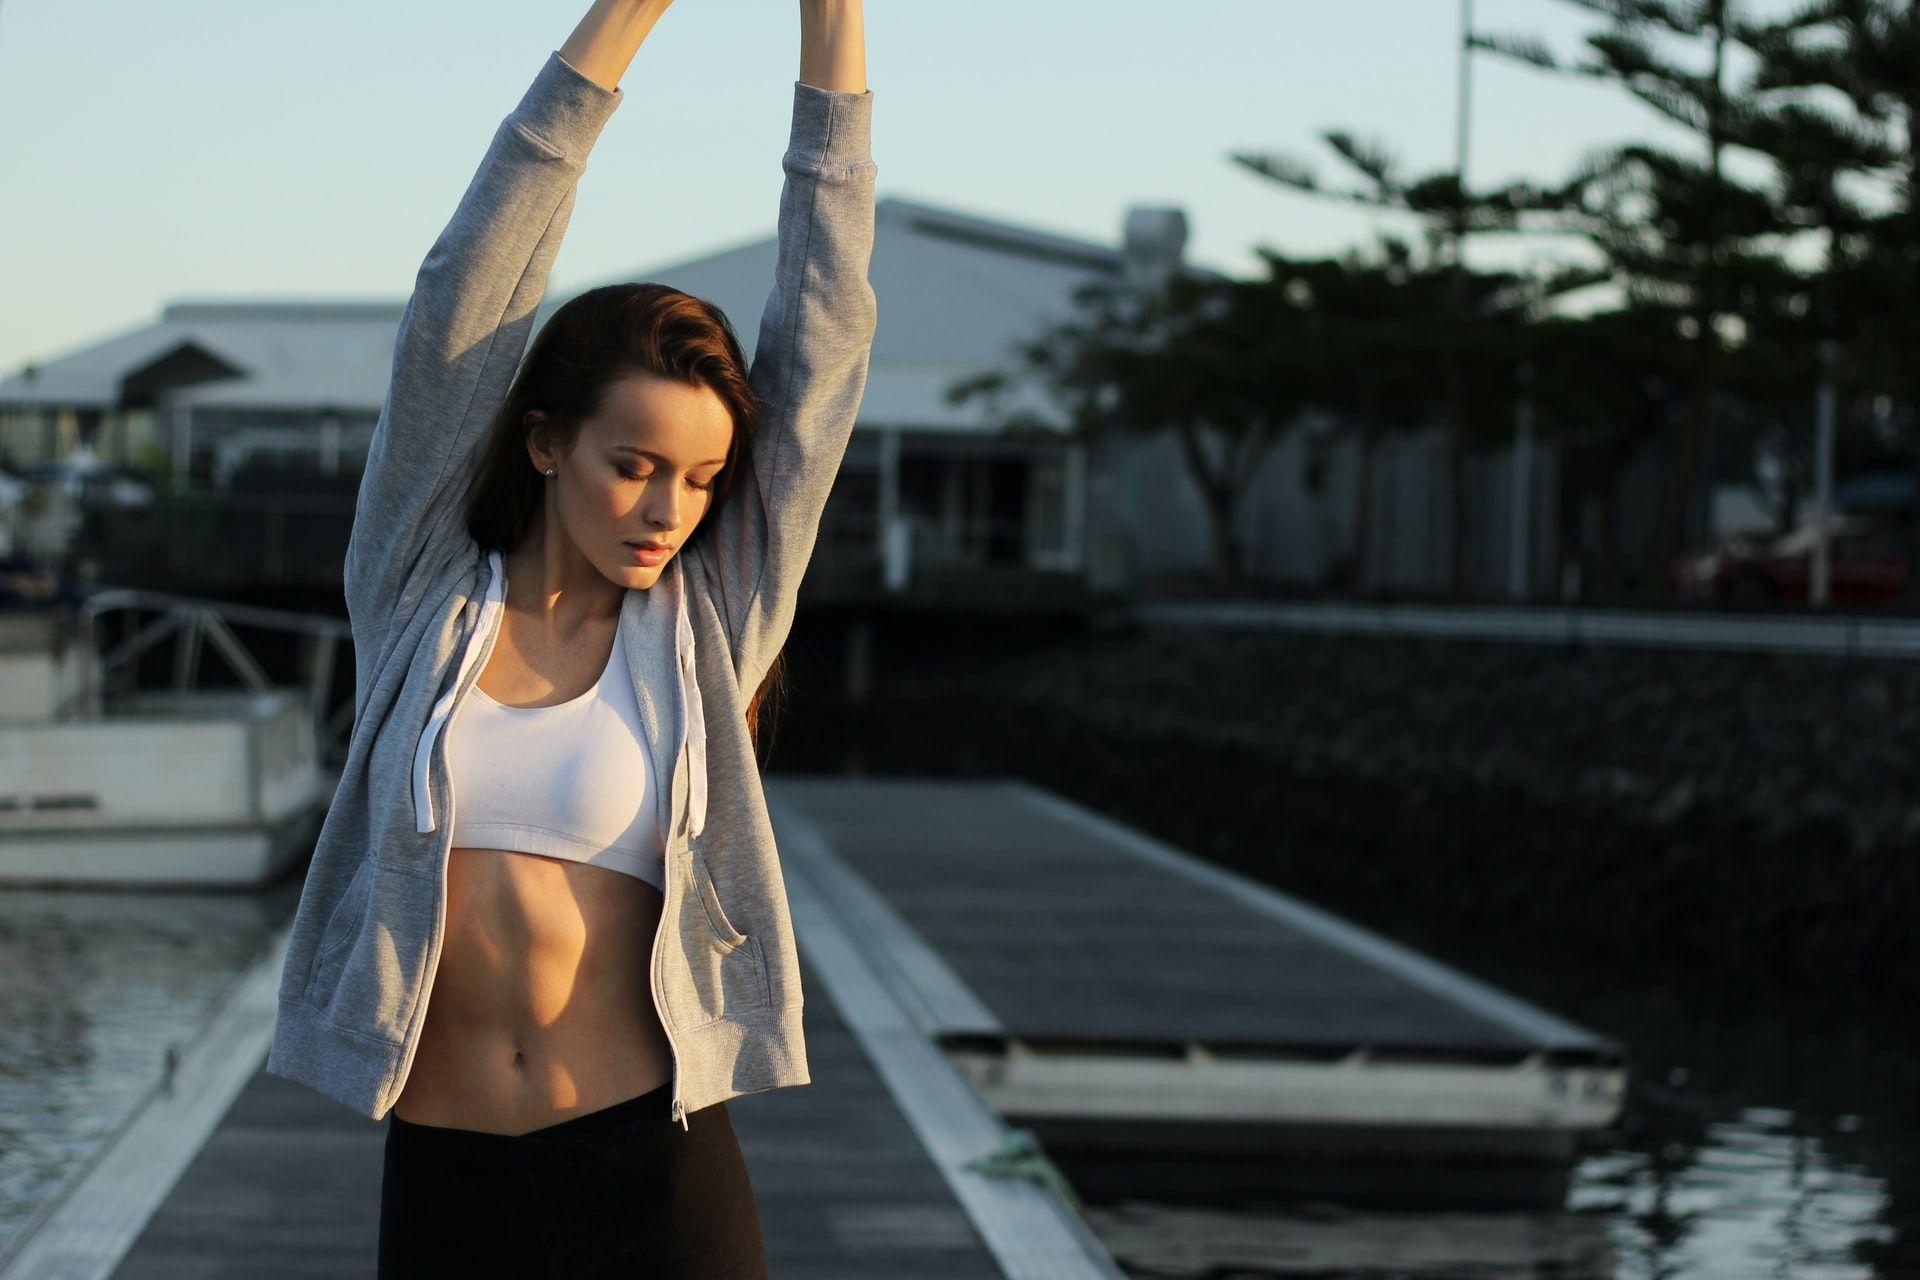 Tambah Penghasilan, 5 Ide Usaha yang Bisa Kamu Coba saat New Normal